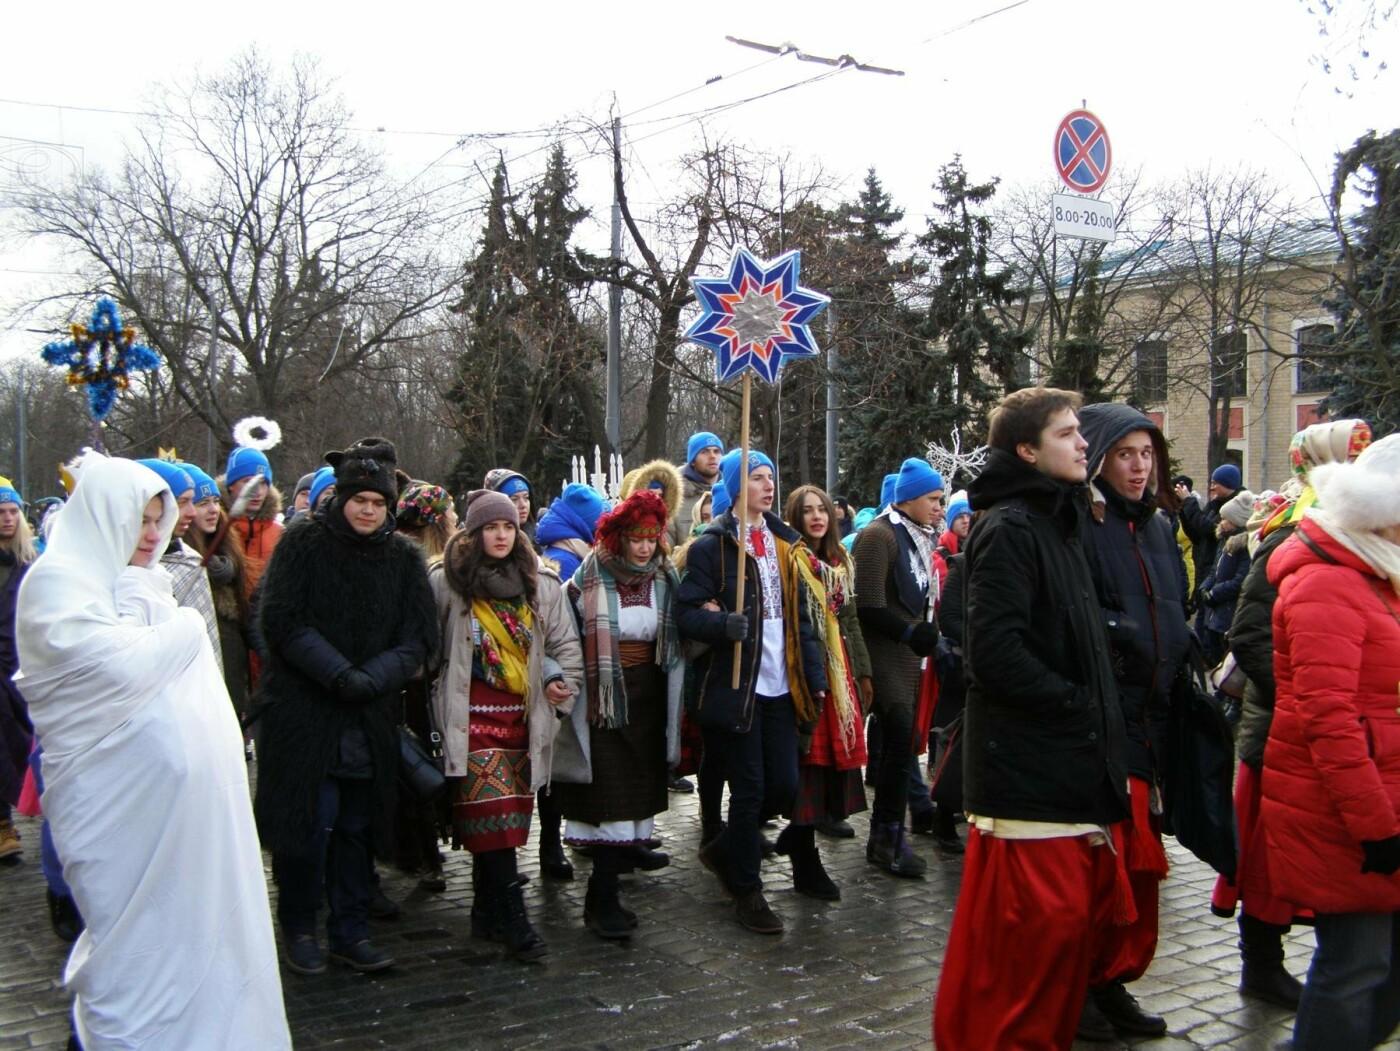 Харьков заполонили ангелы, козы и черти: в городе прошел масштабный фестиваль вертепов (ФОТО), фото-27